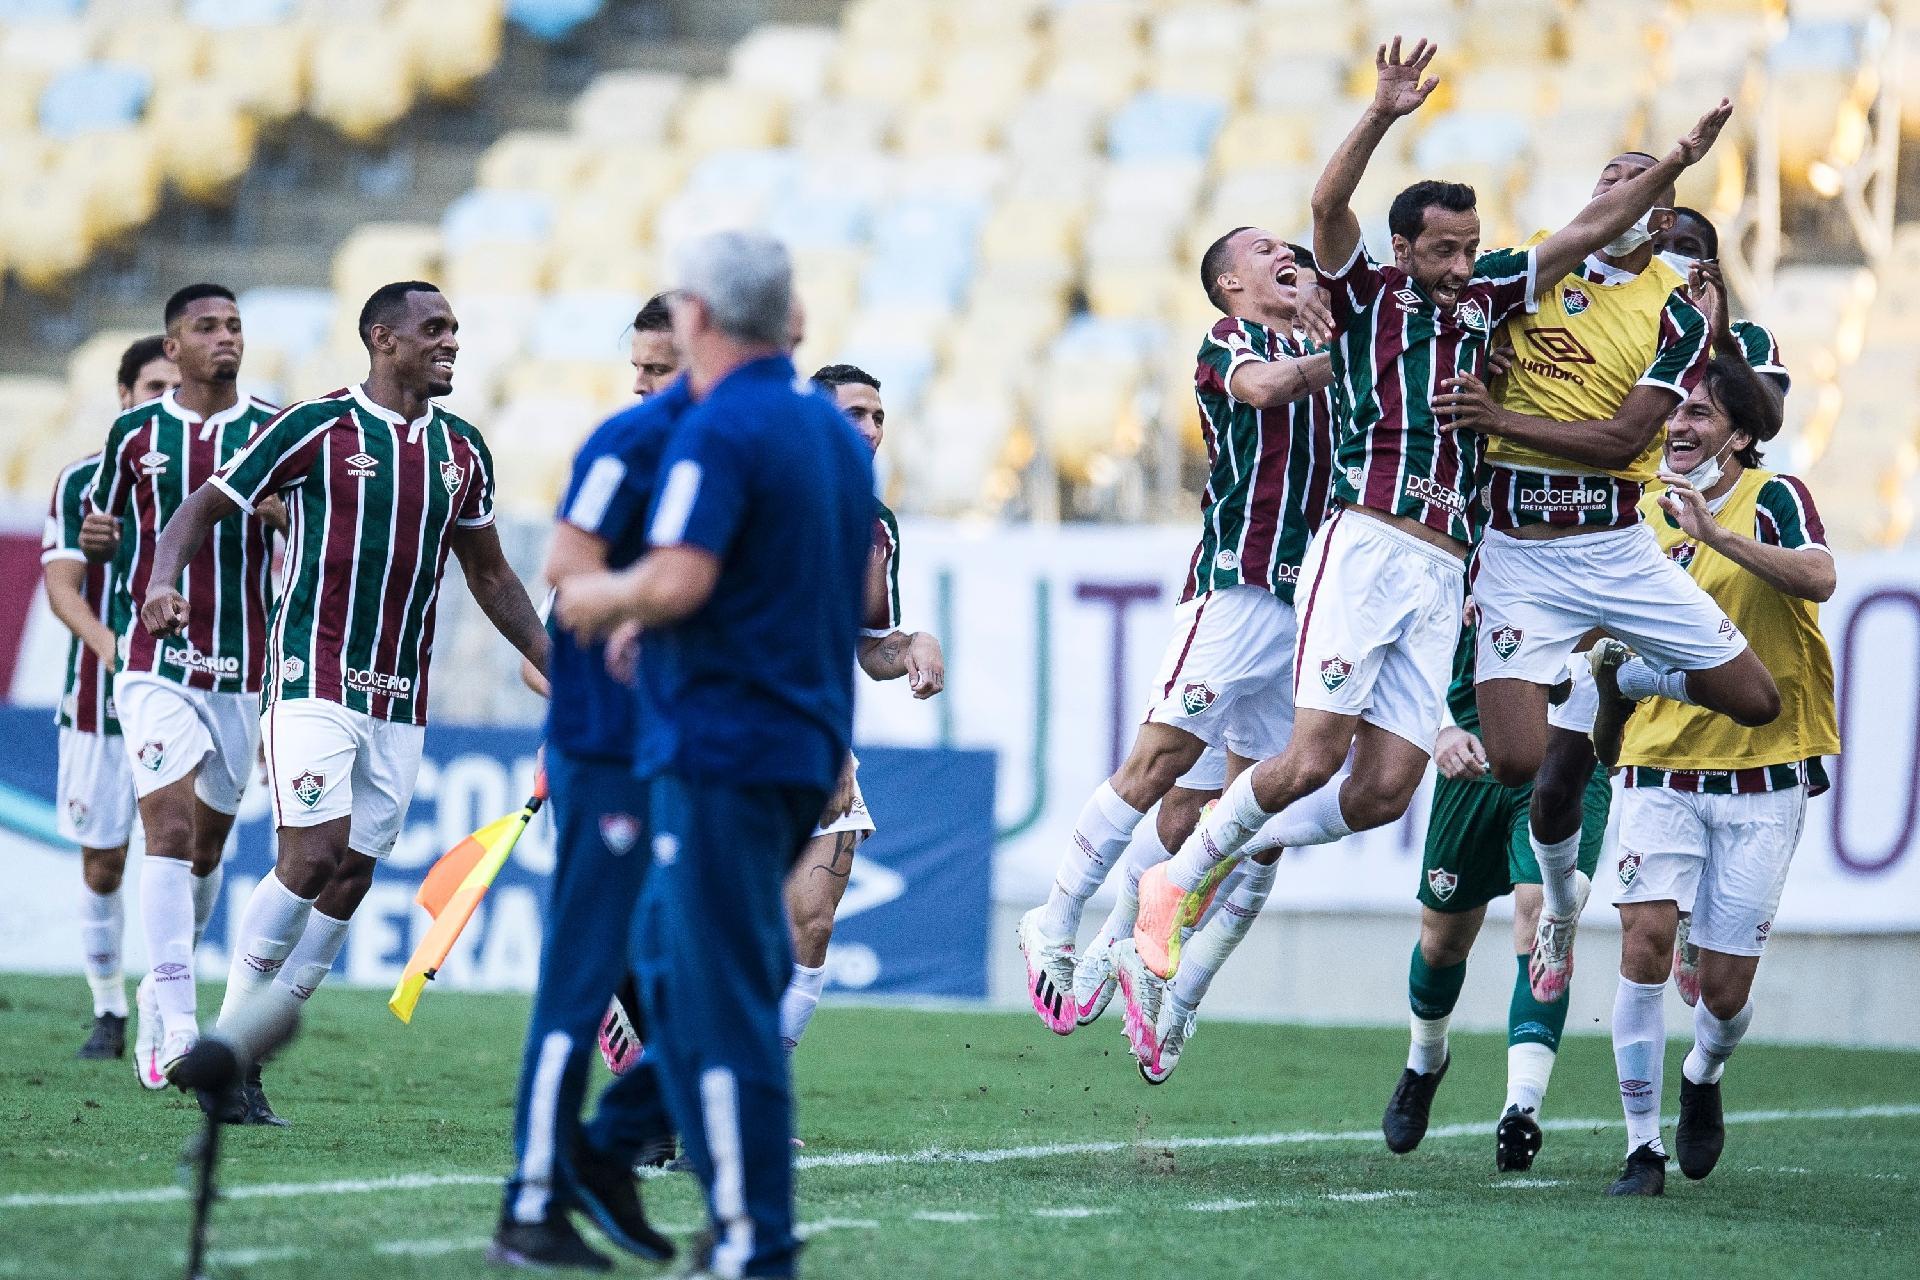 Jogadores do Fluminense comemoram gol de Nenê contra o Corinthians na 10ª rodada do Brasileirão 2020